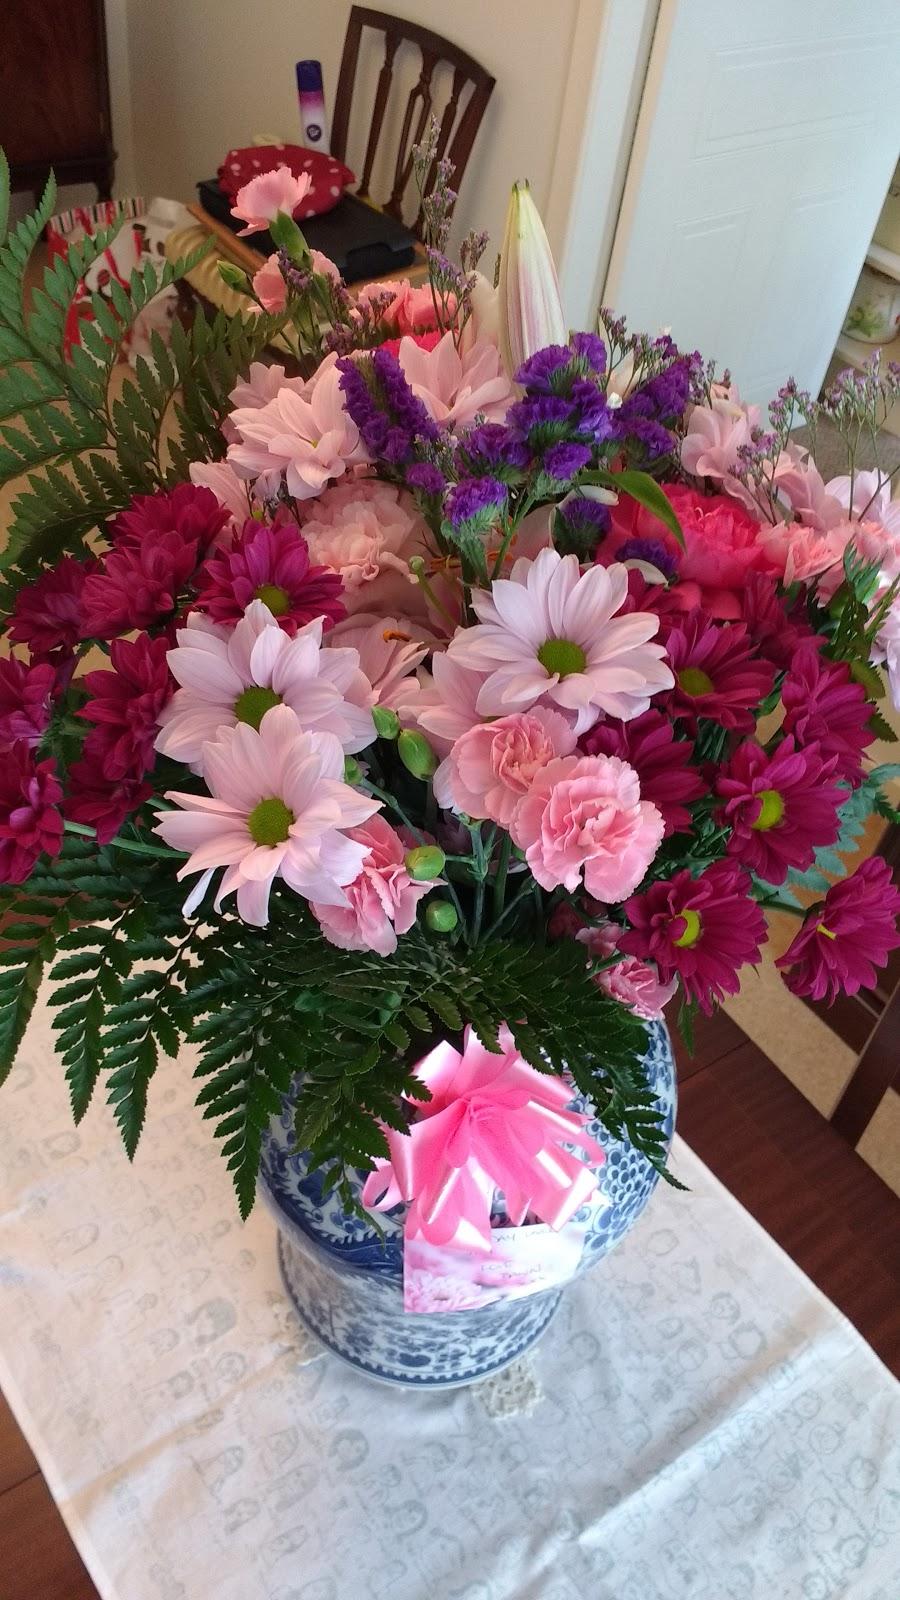 Sunnyside Nursery Florist